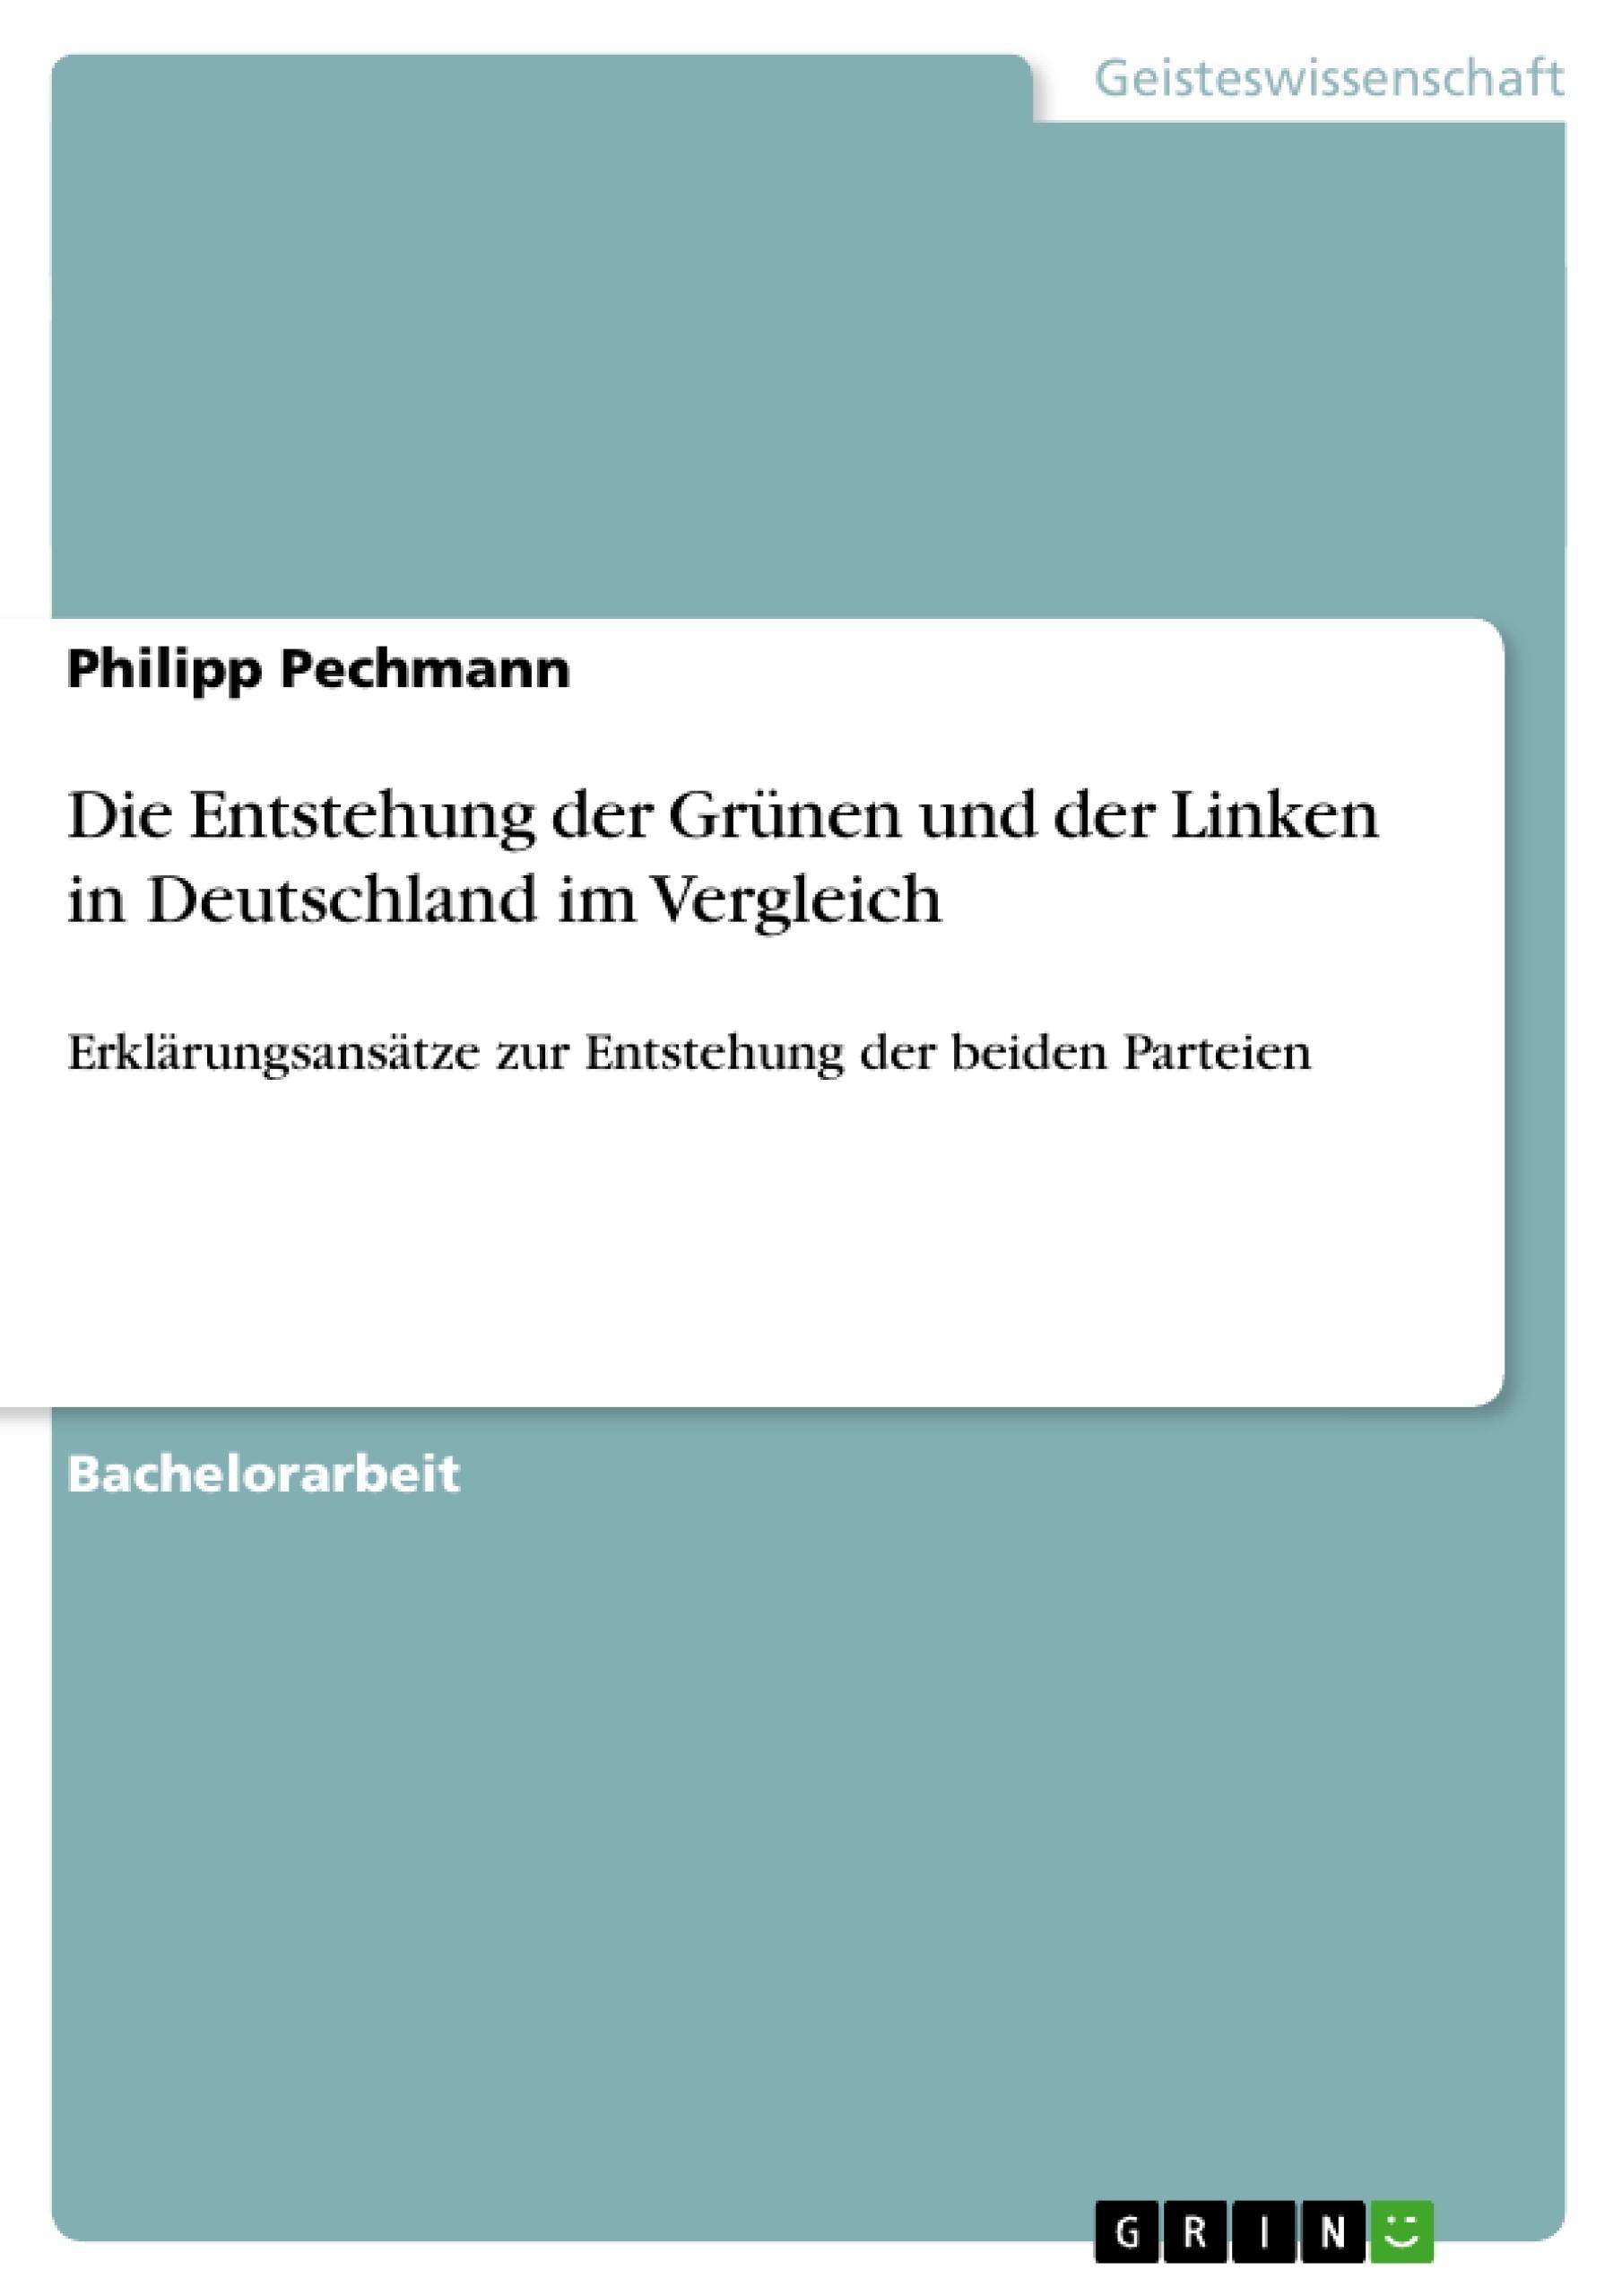 Titel: Die Entstehung der Grünen und der Linken in Deutschland im Vergleich